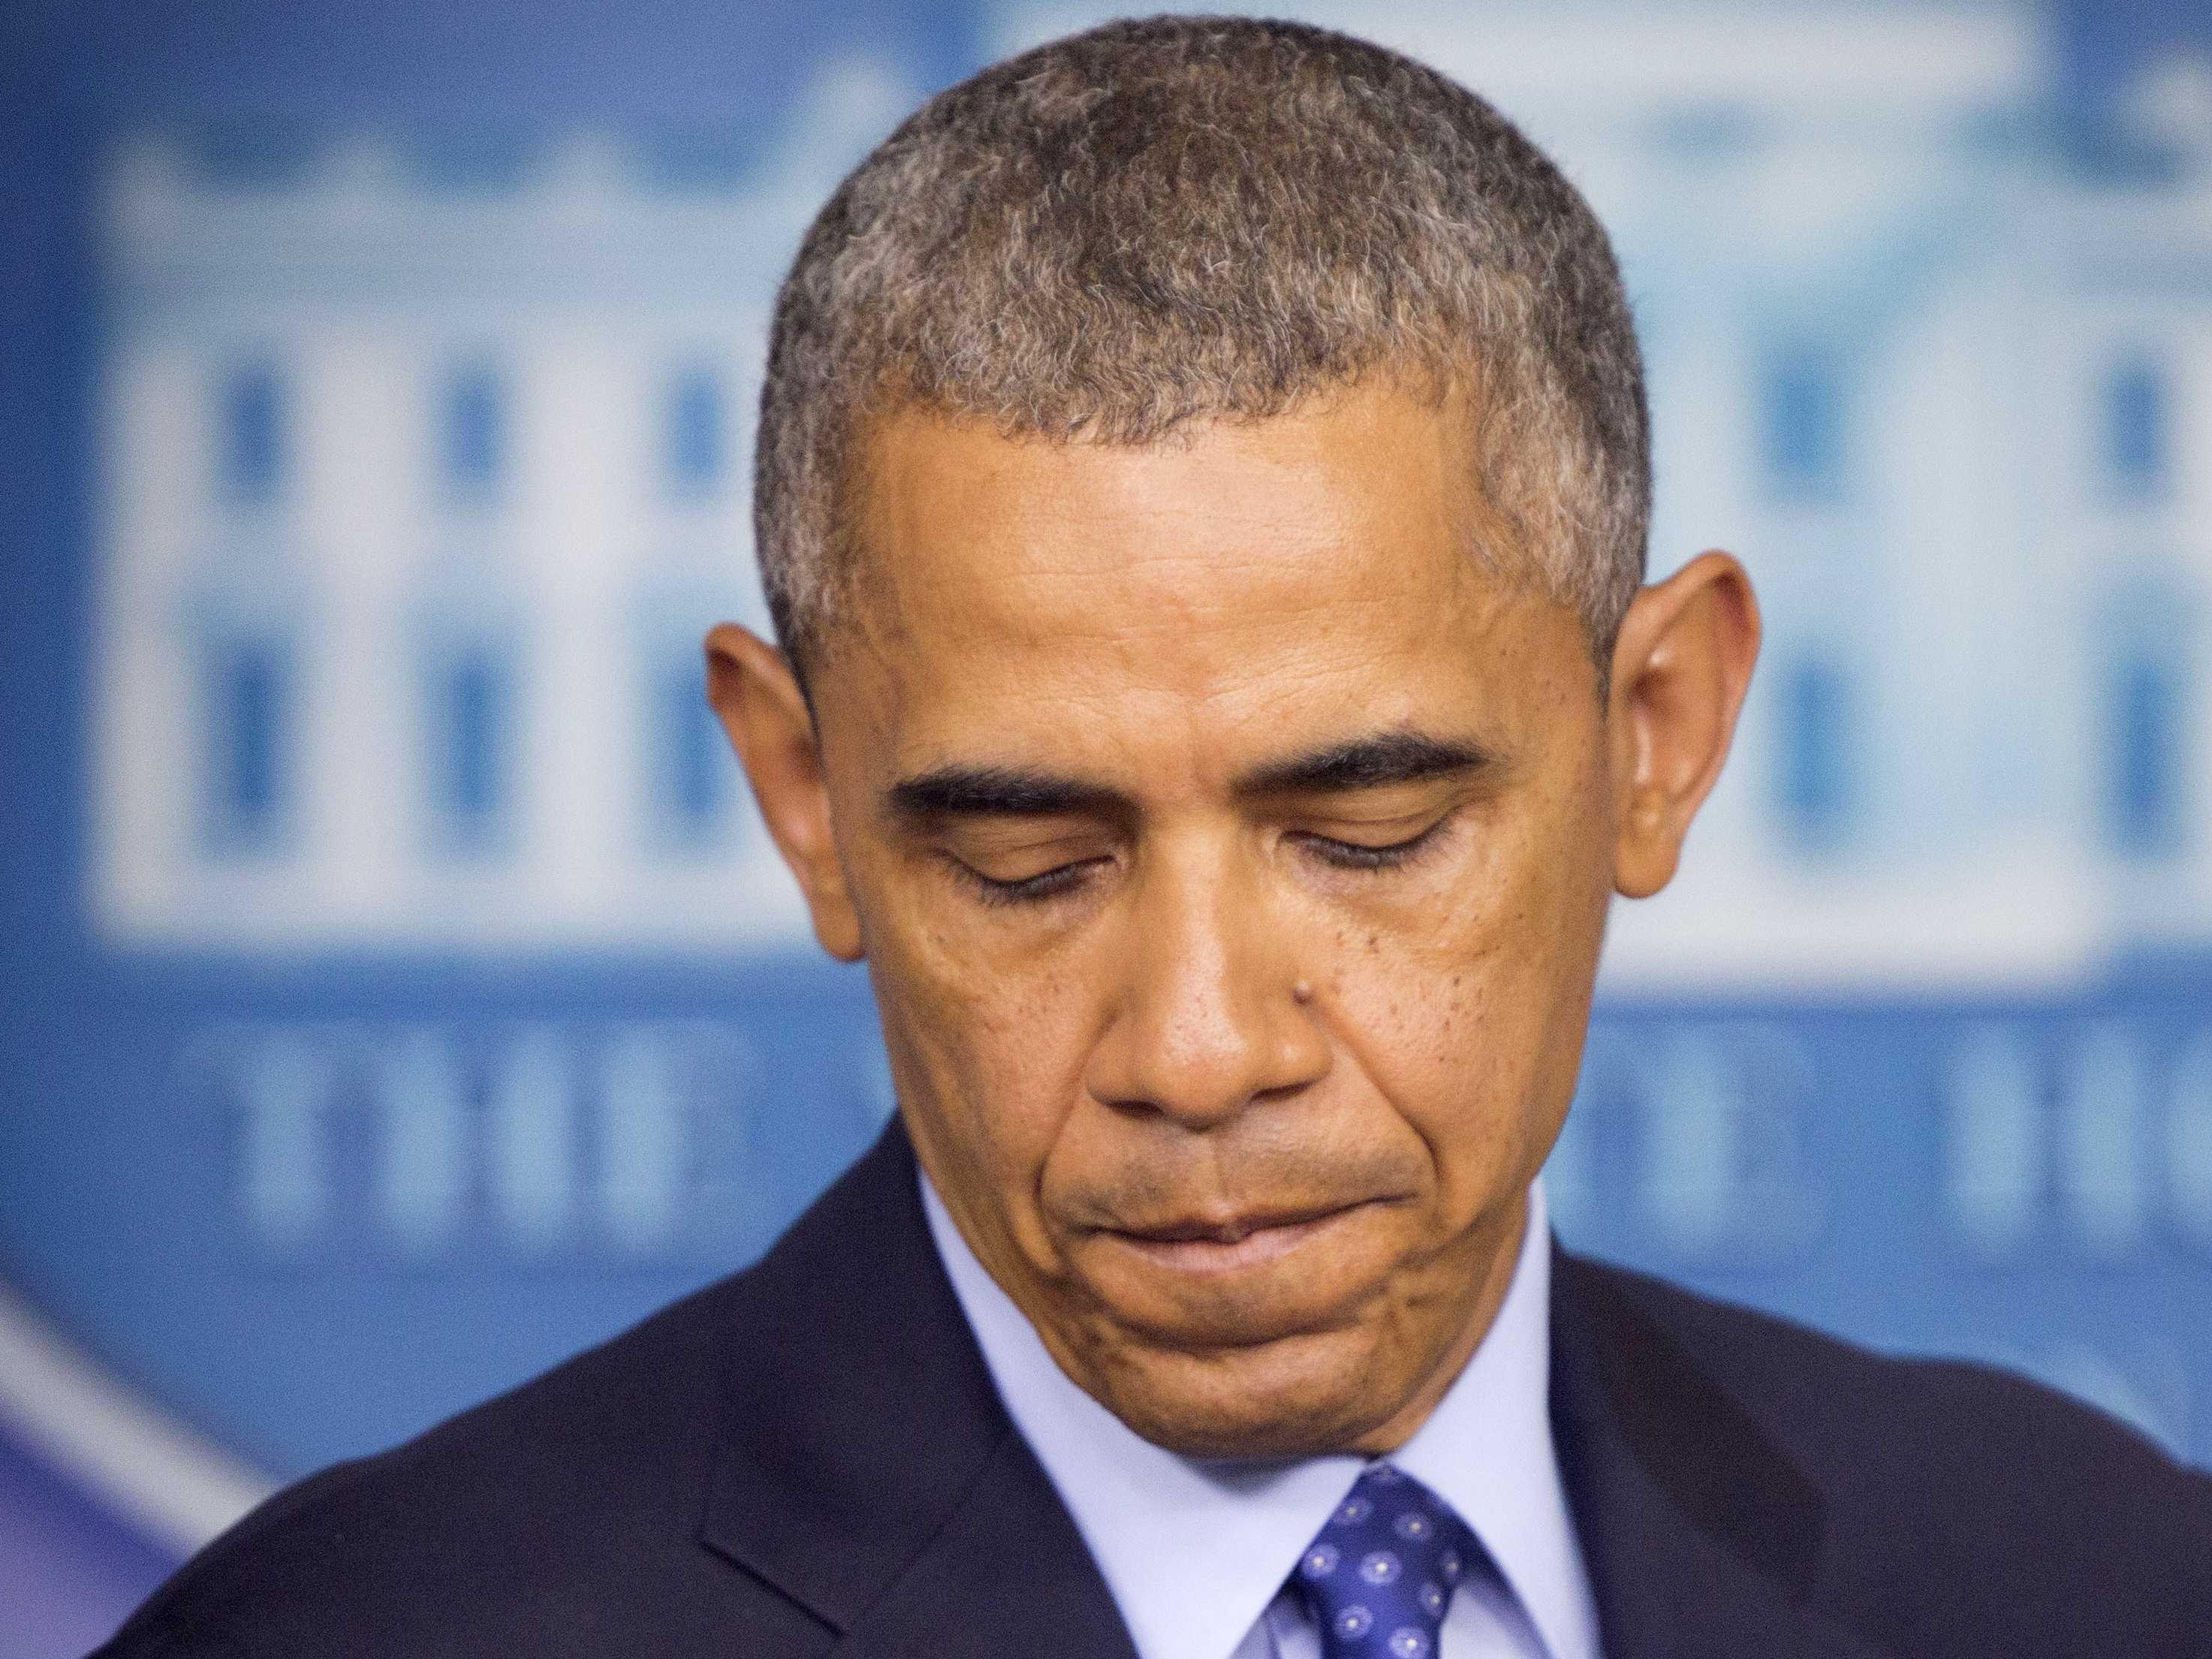 blocked president obamas plan - HD2946×2209